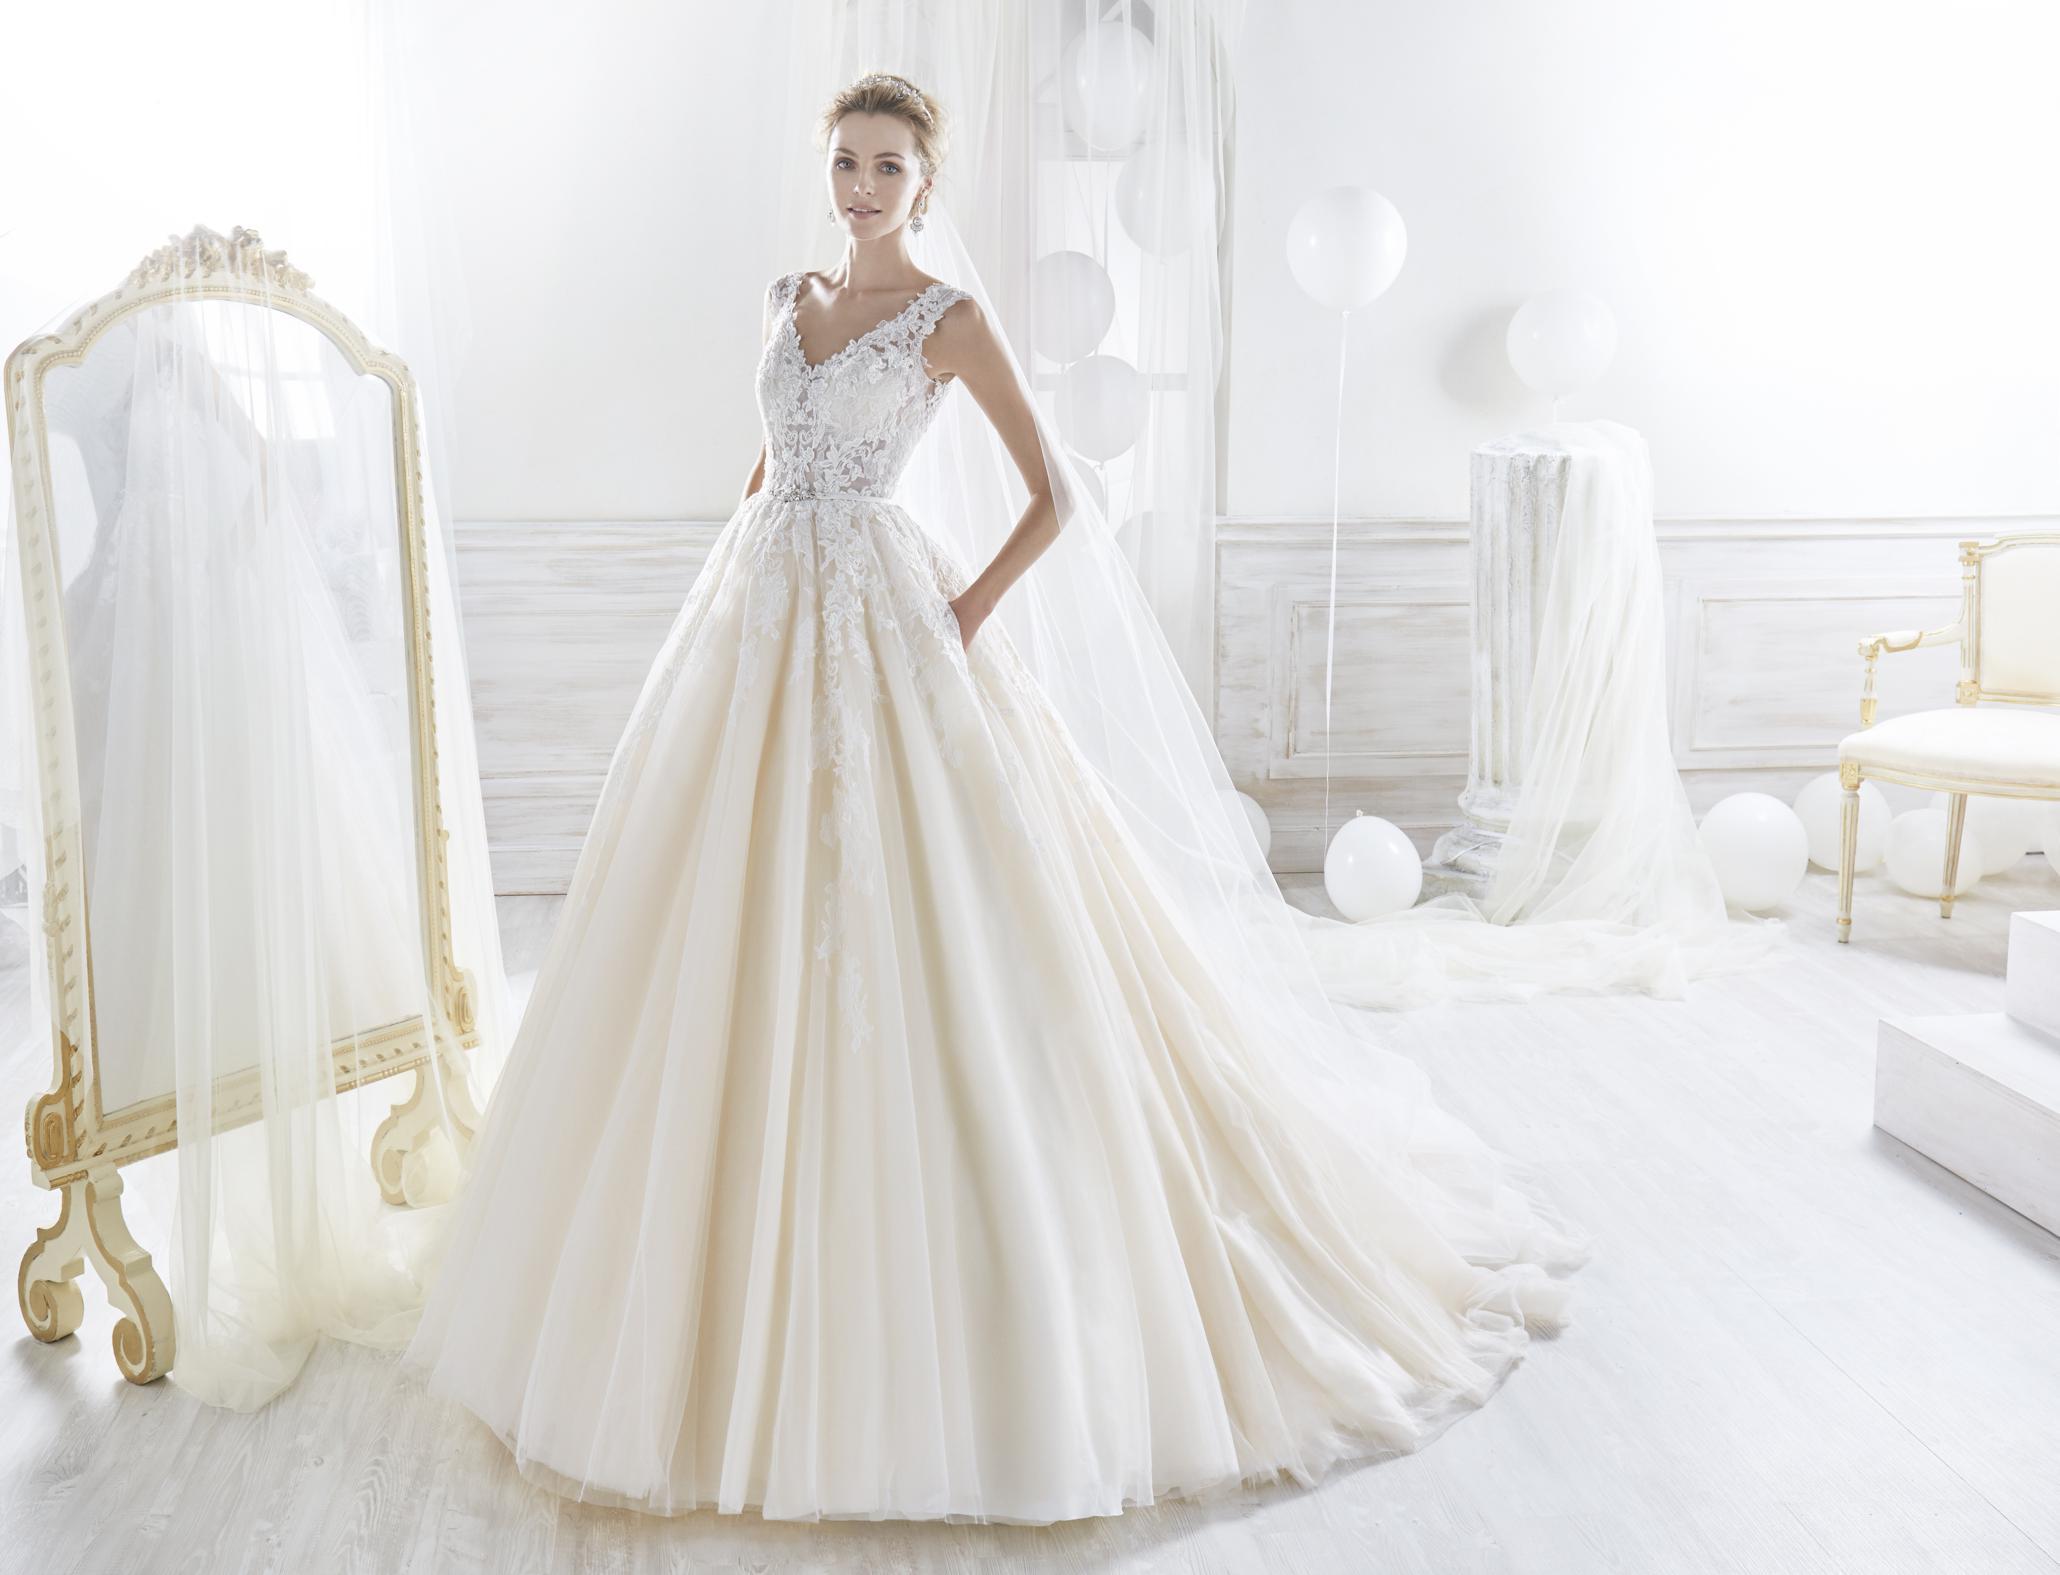 Nicole 18070 abiti da sposa il giardino della sposa - Il giardino della sposa ...